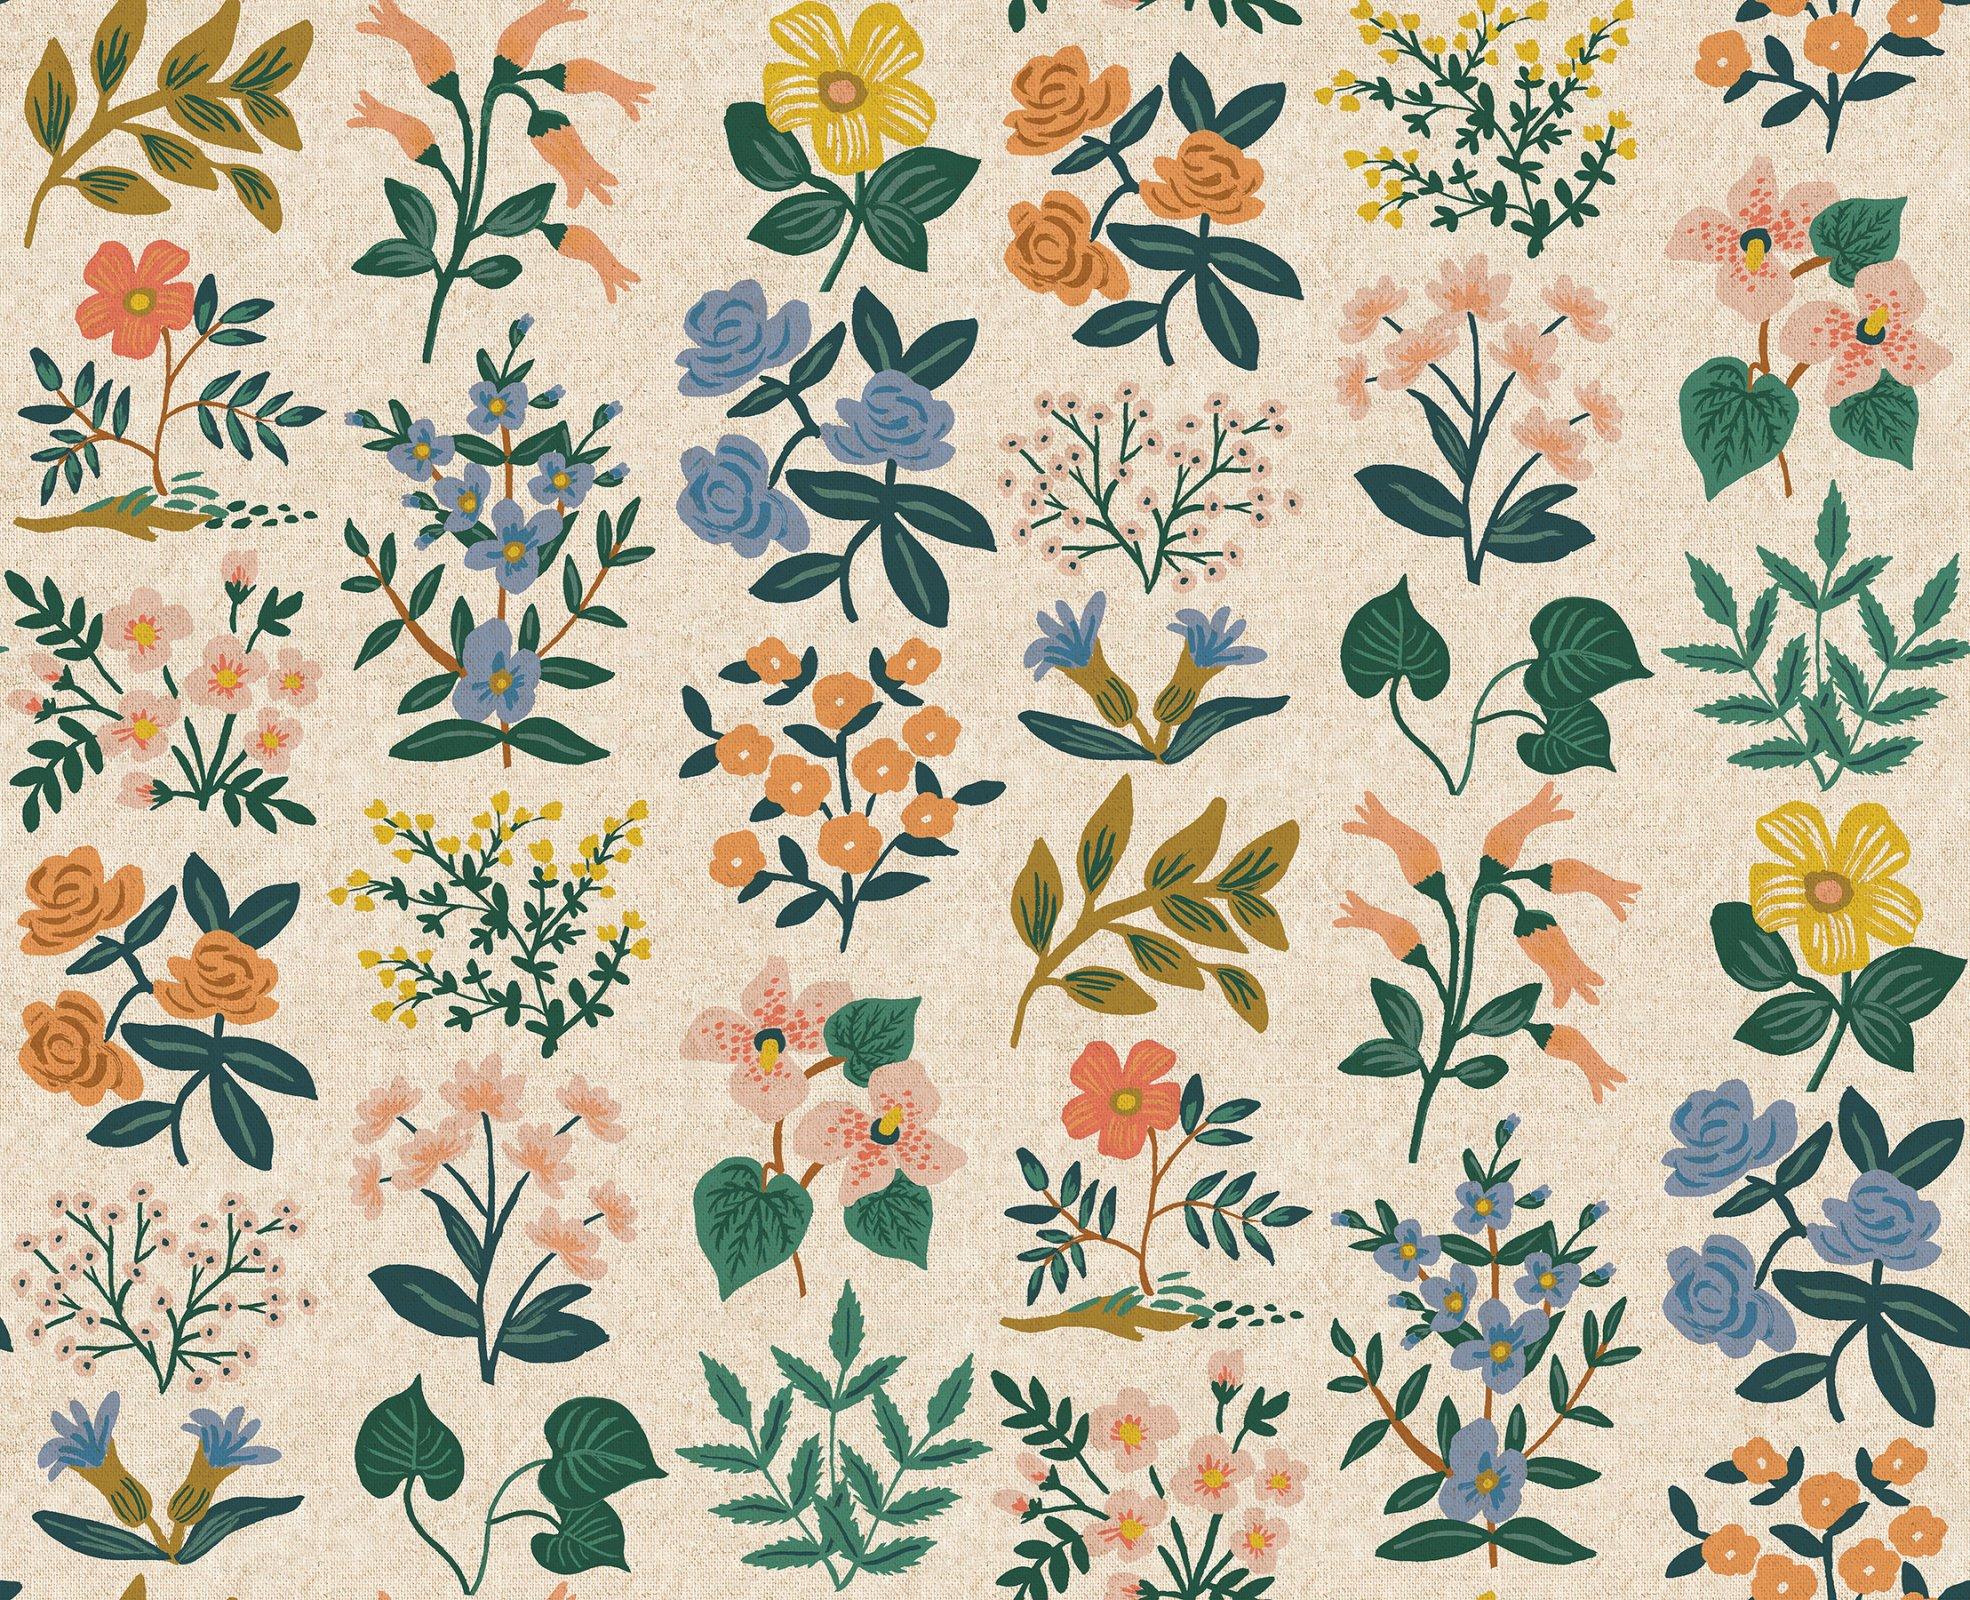 Meadow - Wildflower Field Cream Lawn